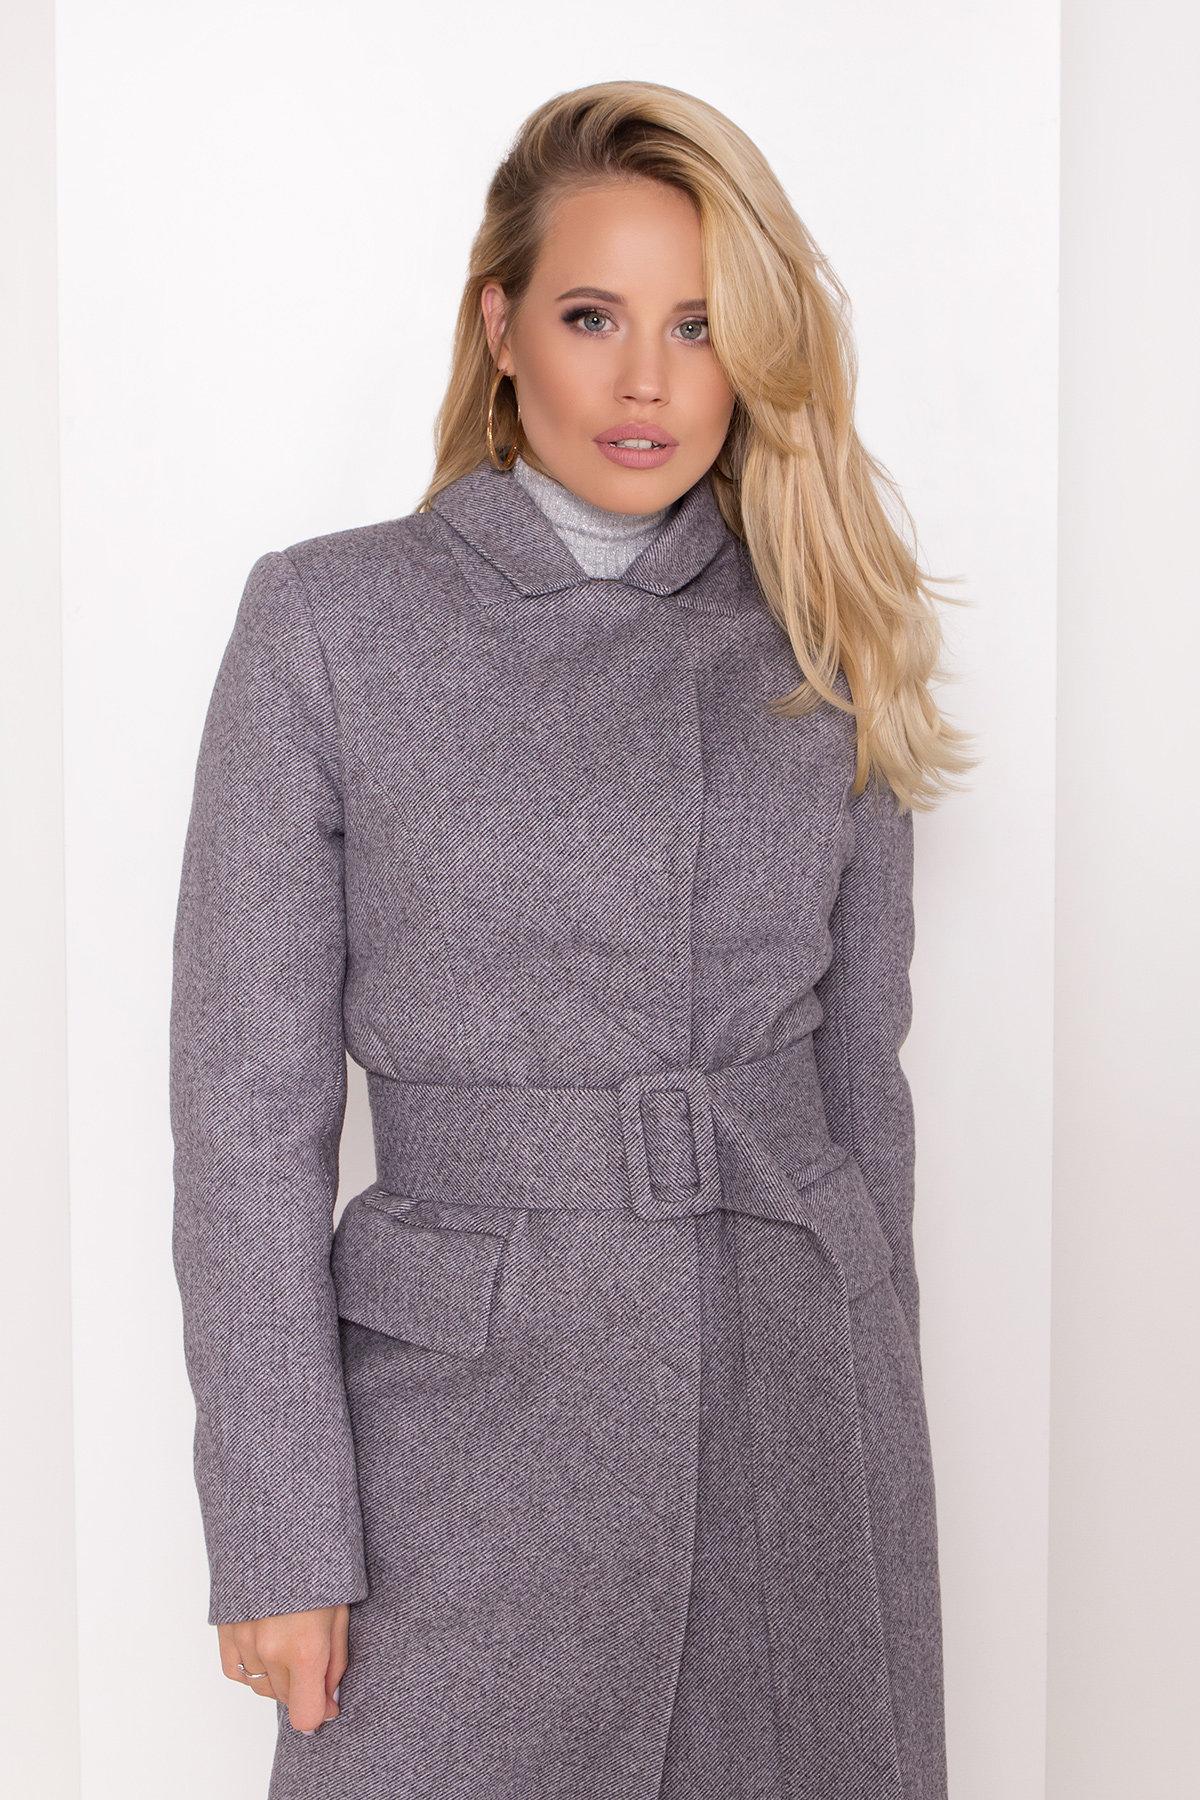 Полуприталенное зимнее пальто с отложным воротником Лабио 8182 АРТ. 44189 Цвет: Серый 2 - фото 9, интернет магазин tm-modus.ru